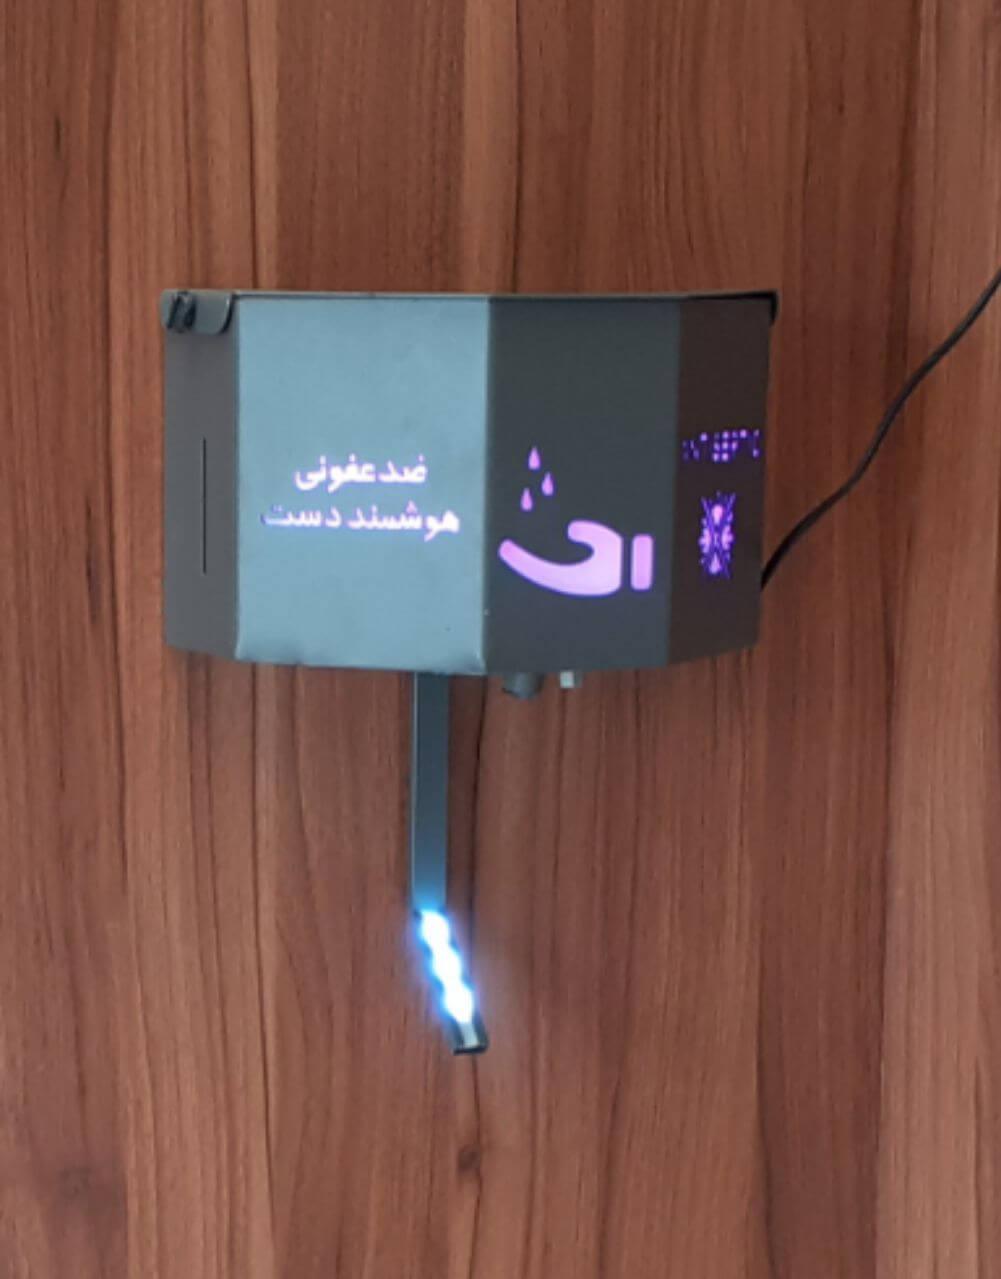 دستگاه ضد عفونی کننده دست ۱.۵ لیتری